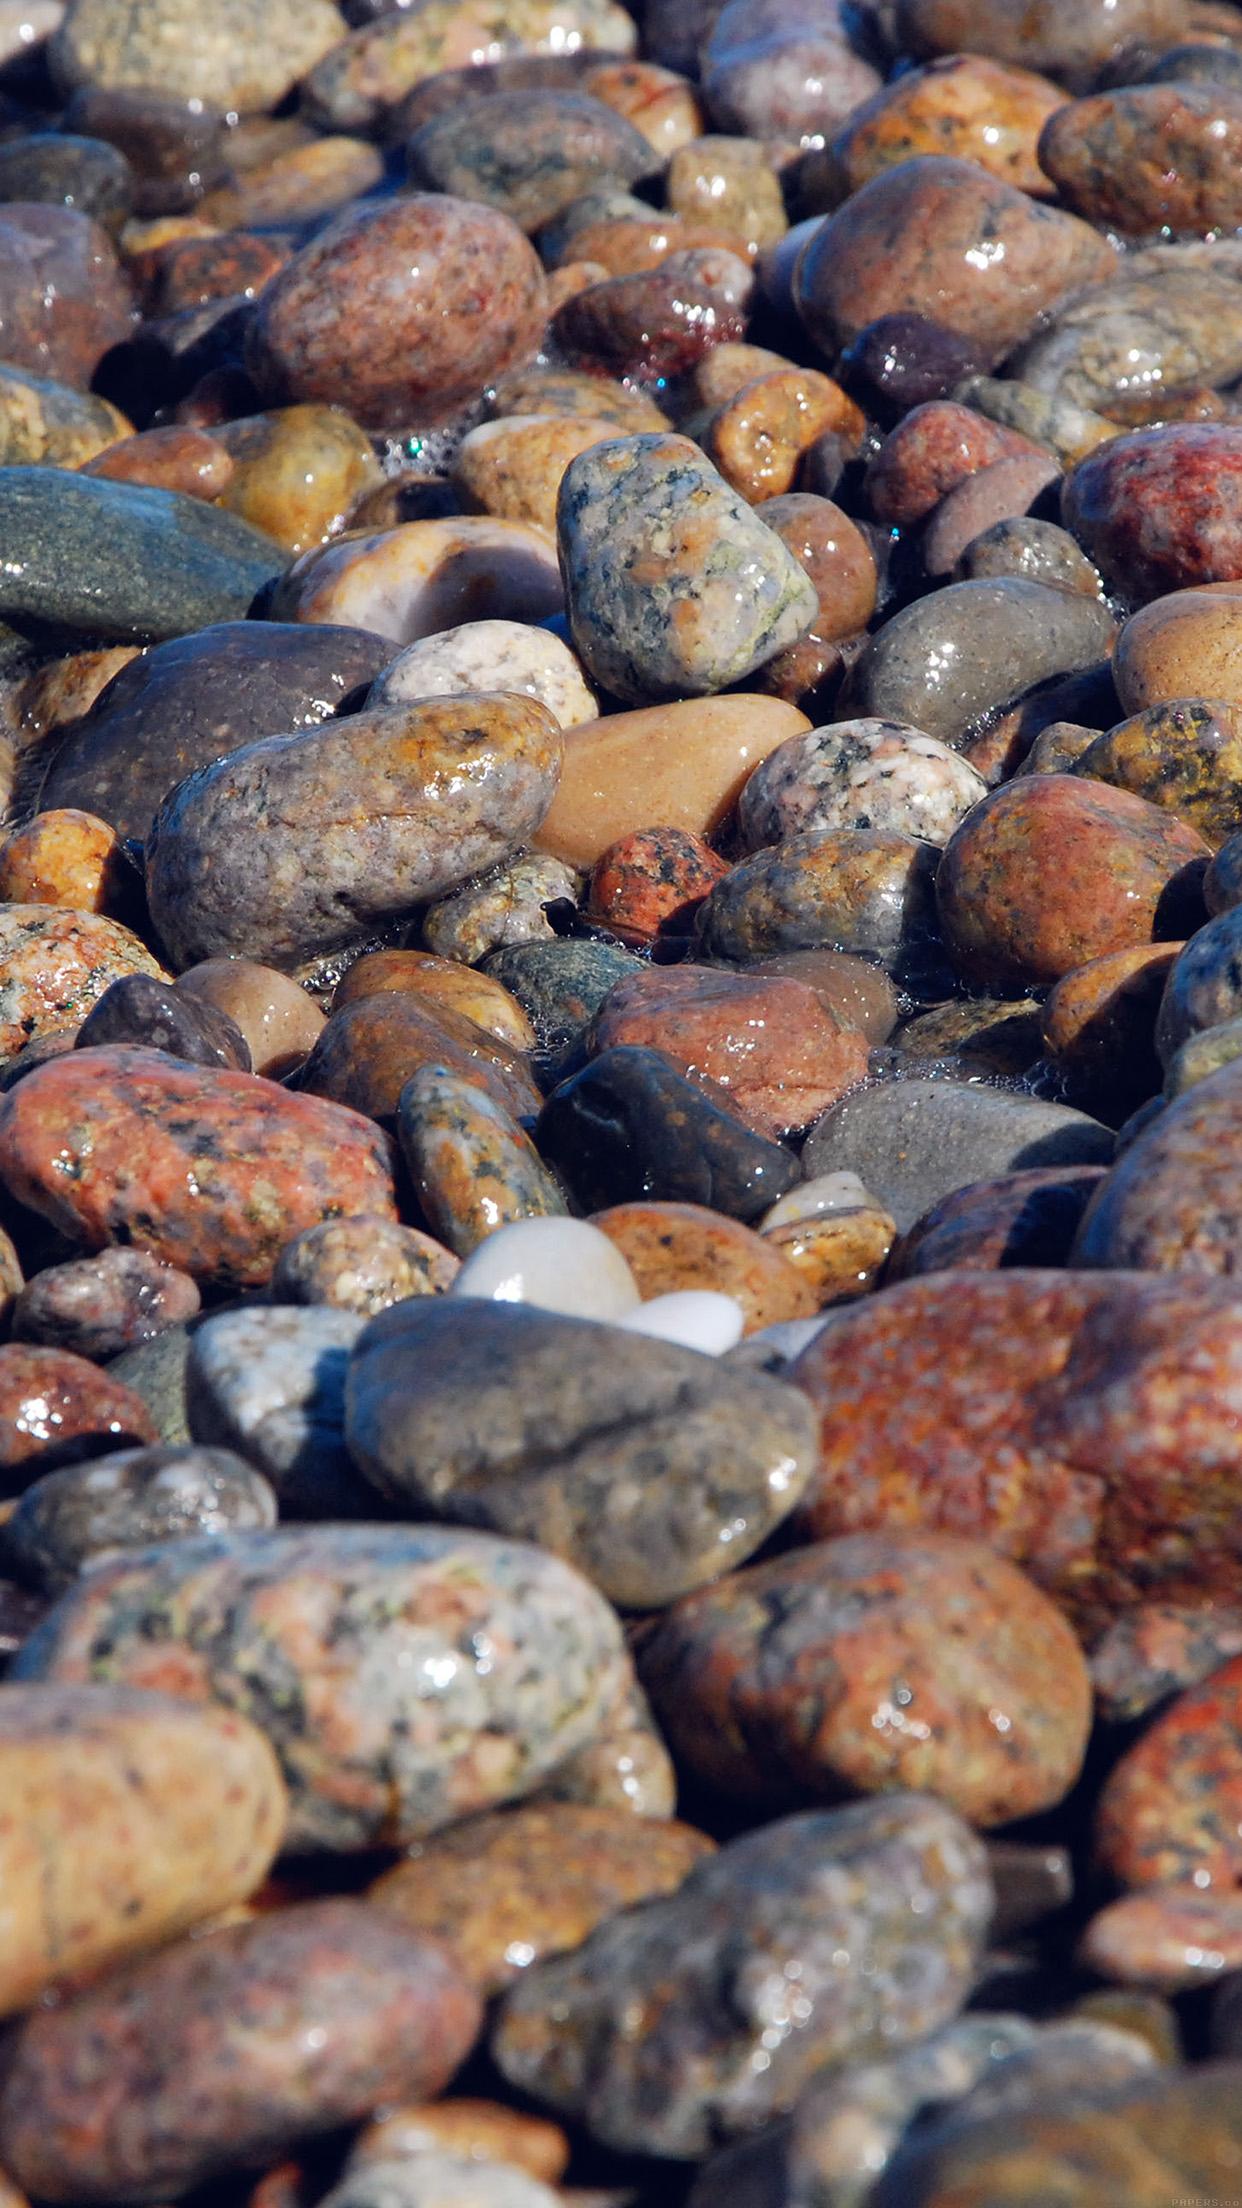 河原の濡れた石 iPhone6 Plus壁紙